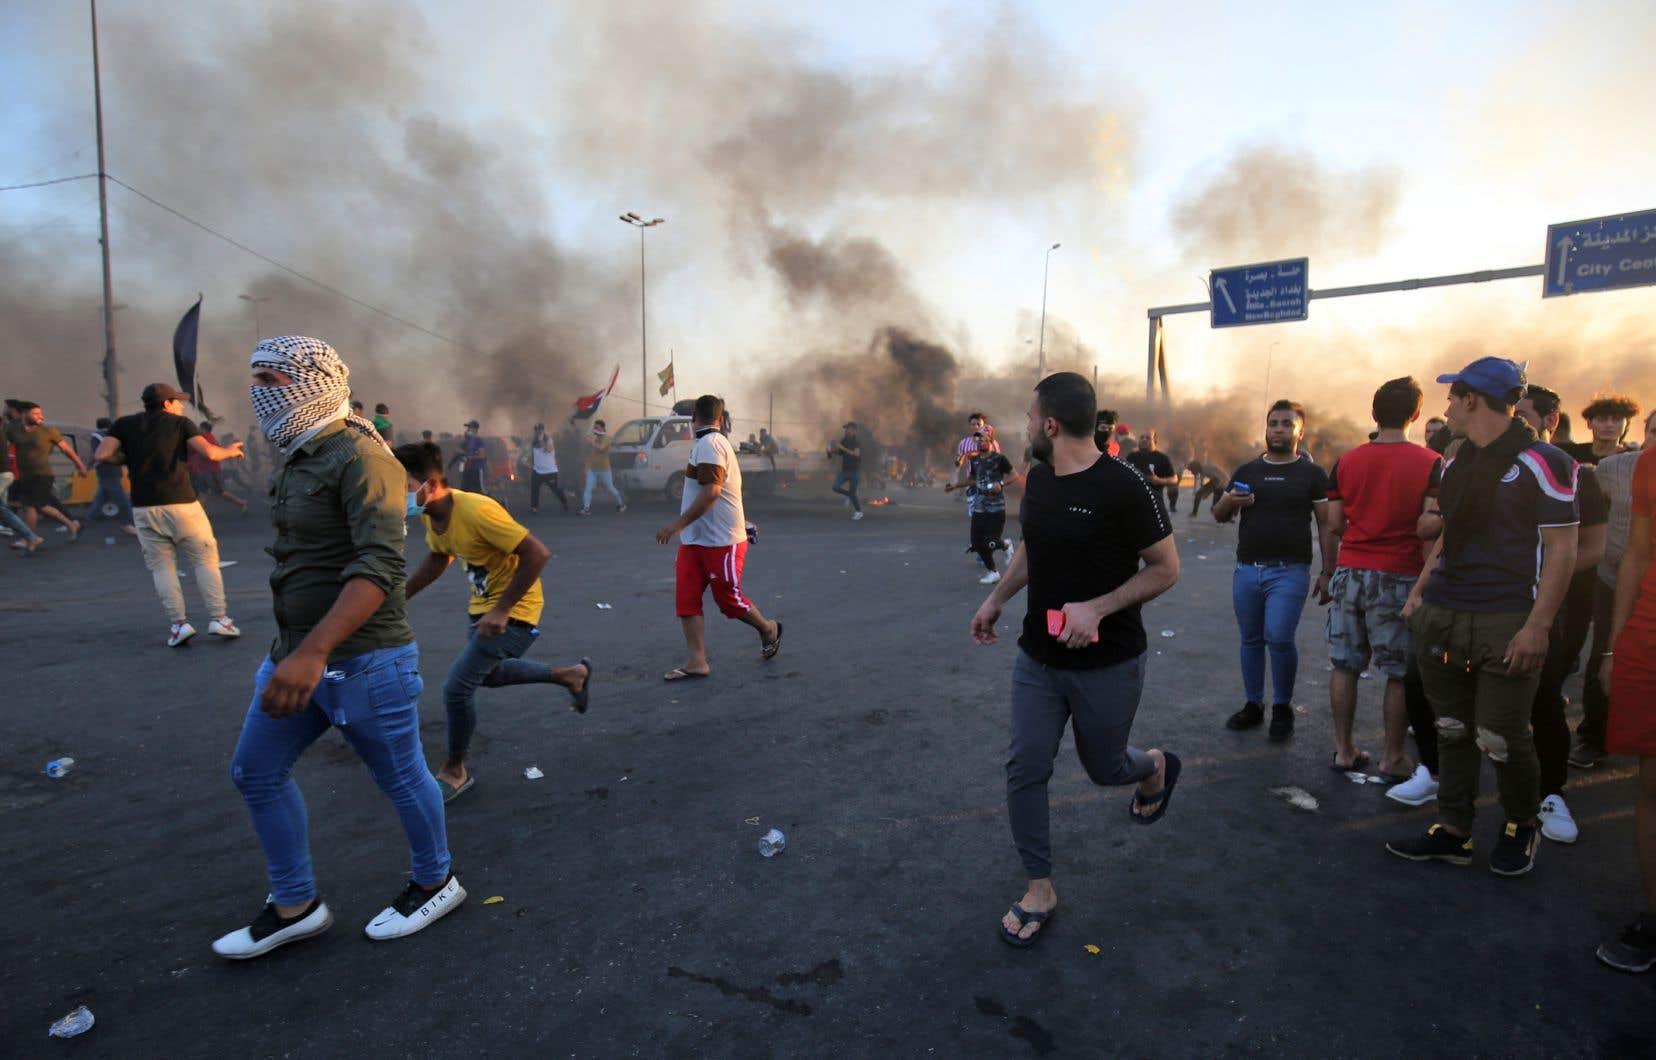 Des violences éclatent durant une manifestation contre le gouvernement irakien à Bagdad, le 5 octobre dernier.